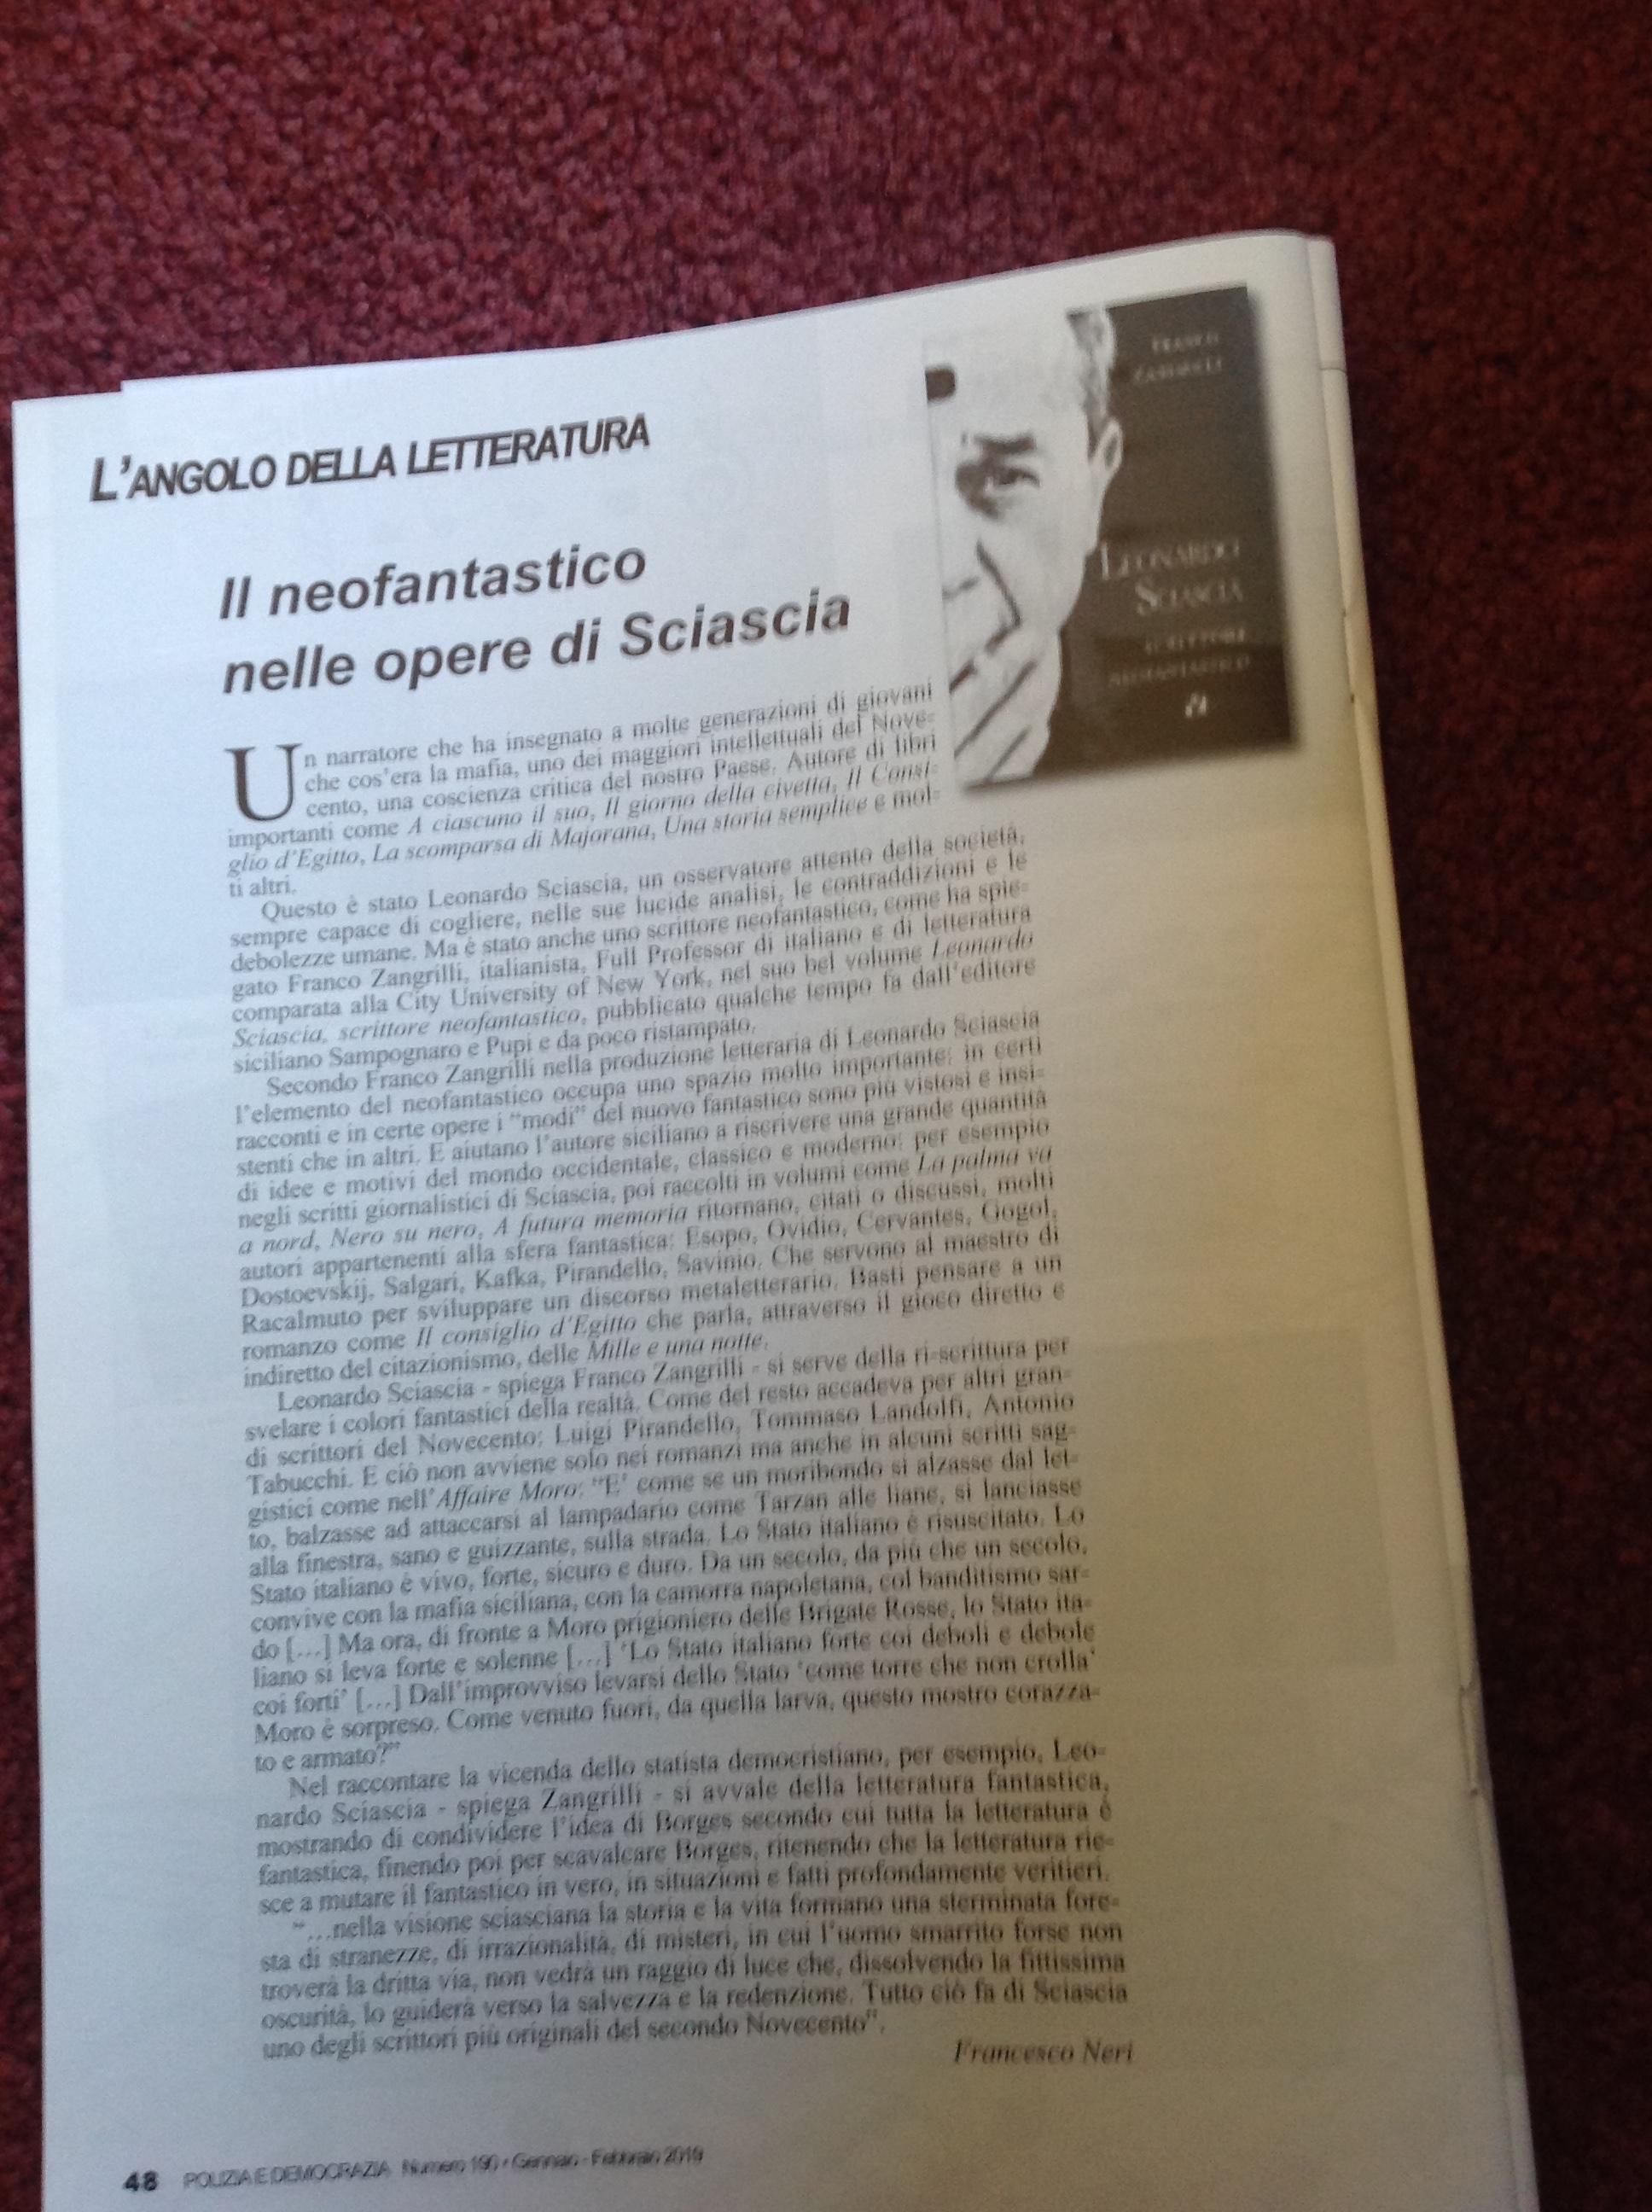 _Leonardo Sciascia_Scrittore neofantastico_Franco Zangrilli_